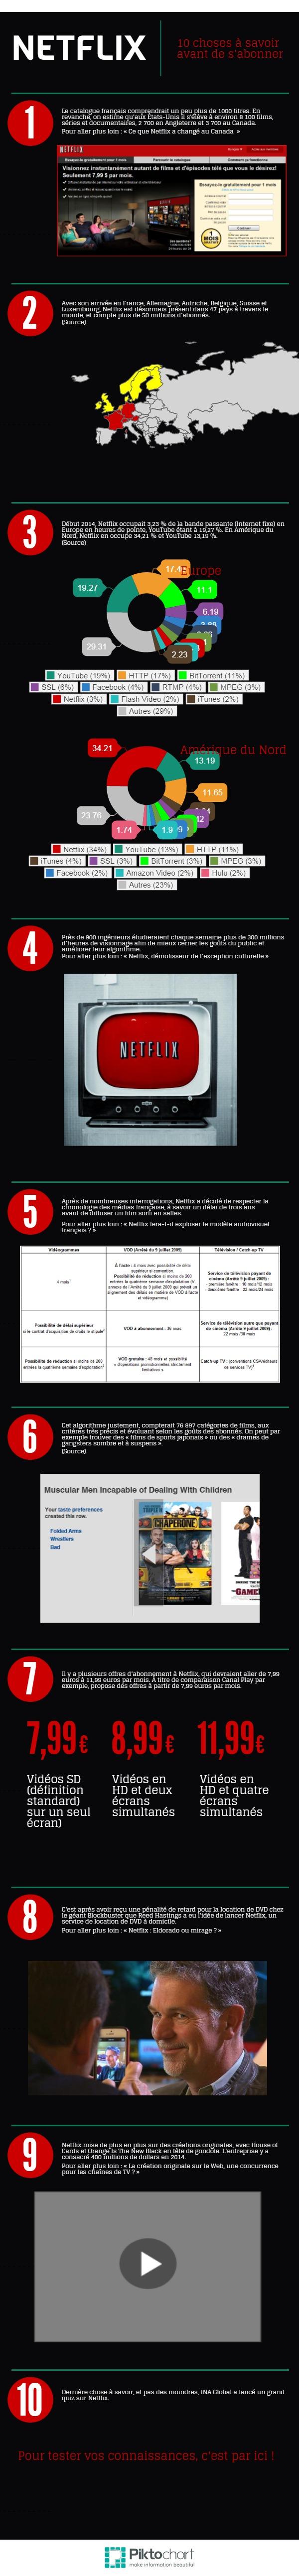 Infographie INA 10 choses a savoir sur netflix